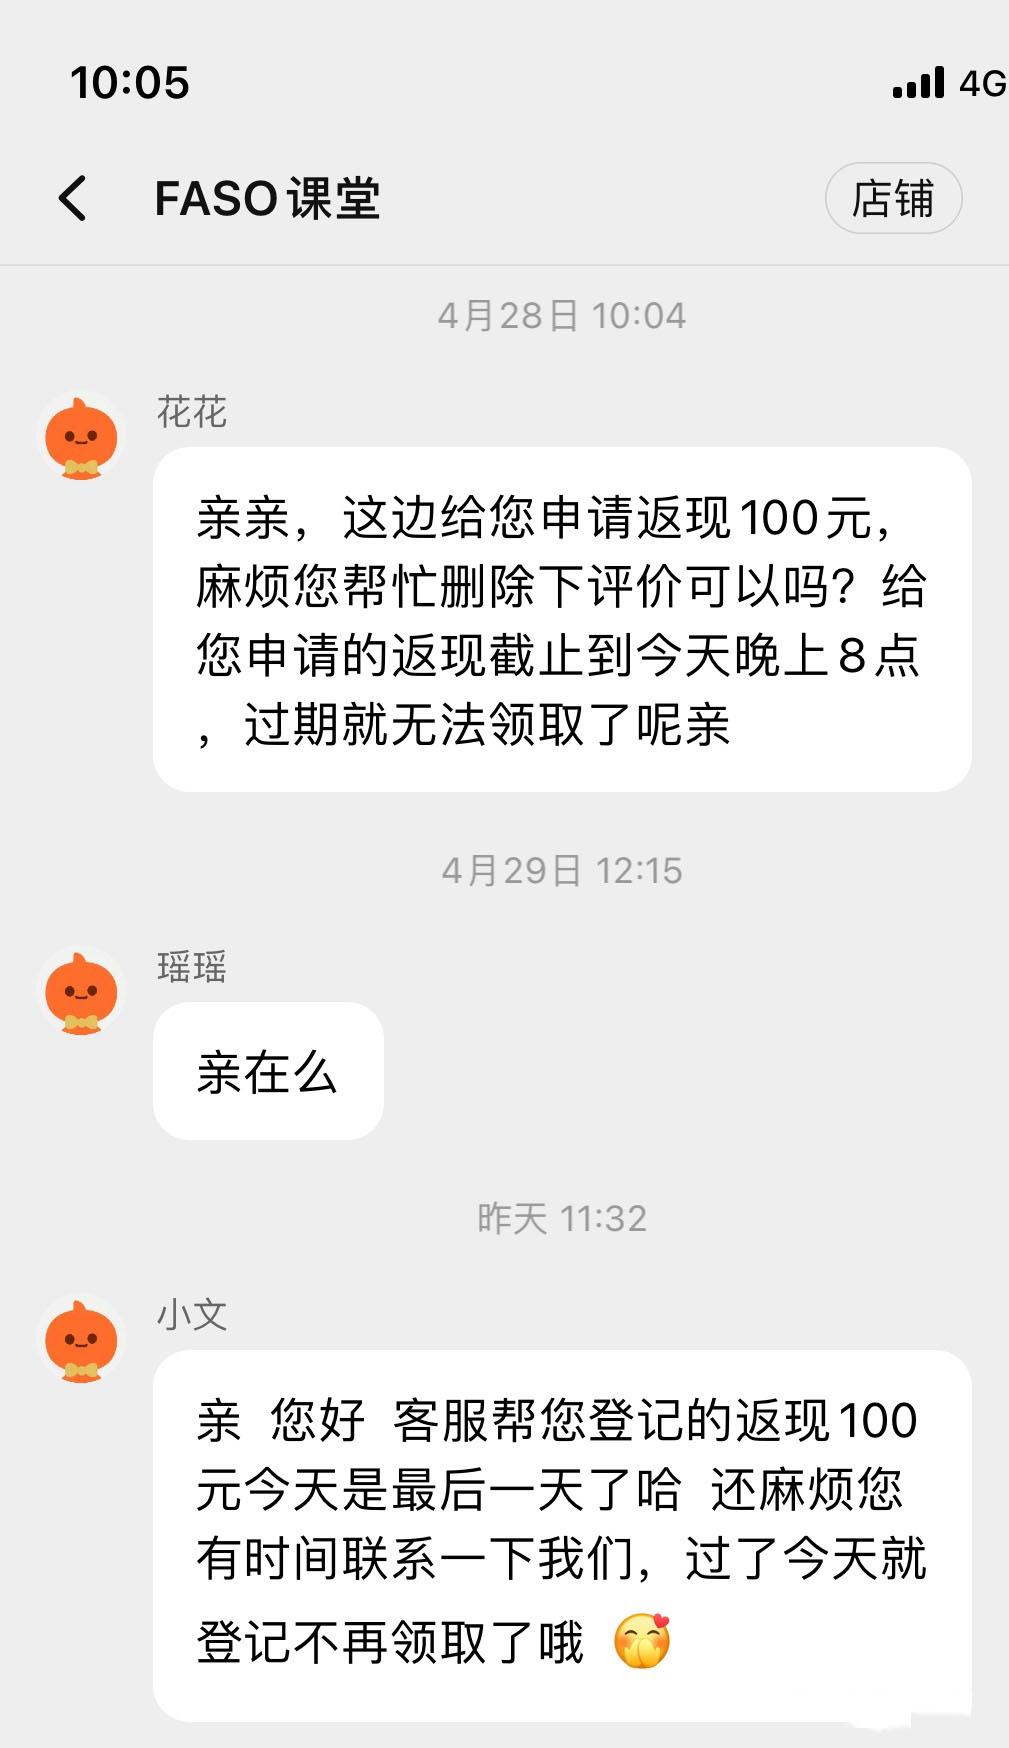 吕凡综应课:求求大家别因为店家给钱而删差评,让事实留存下来!